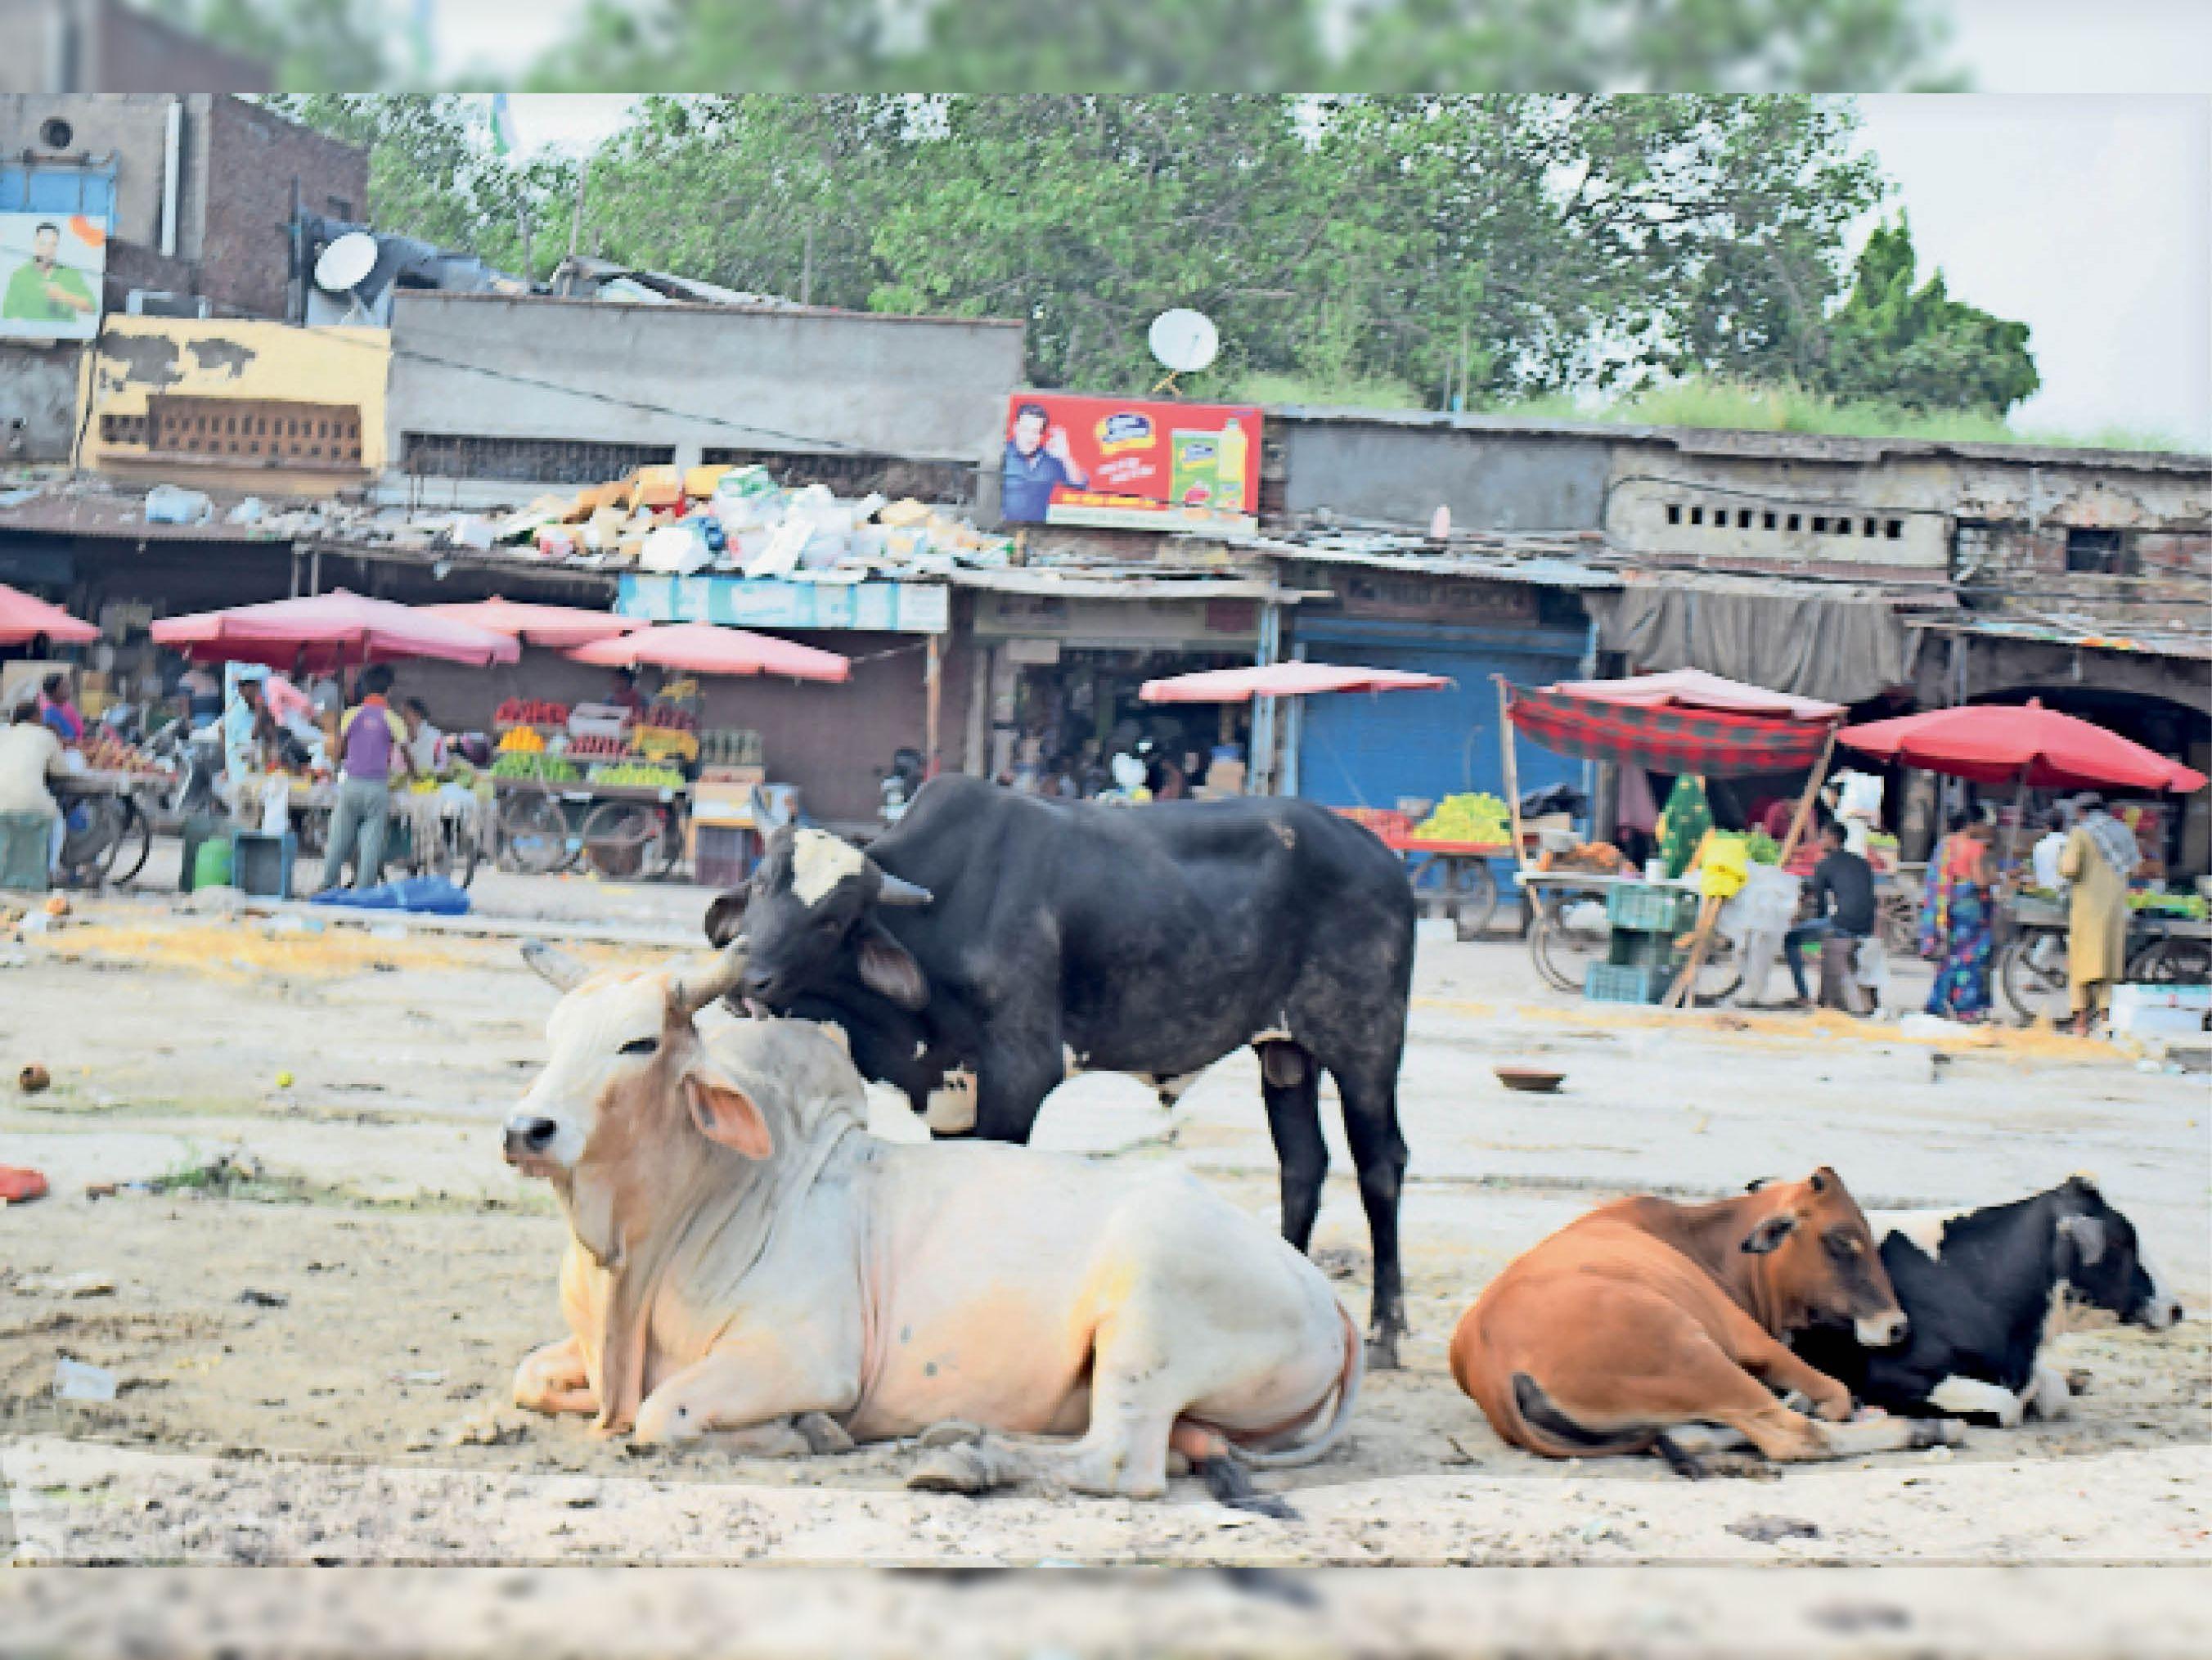 सनाैली राेड शिव चाैक पर बैठे पशु, फोटो- नवीन मिश्रा - Dainik Bhaskar